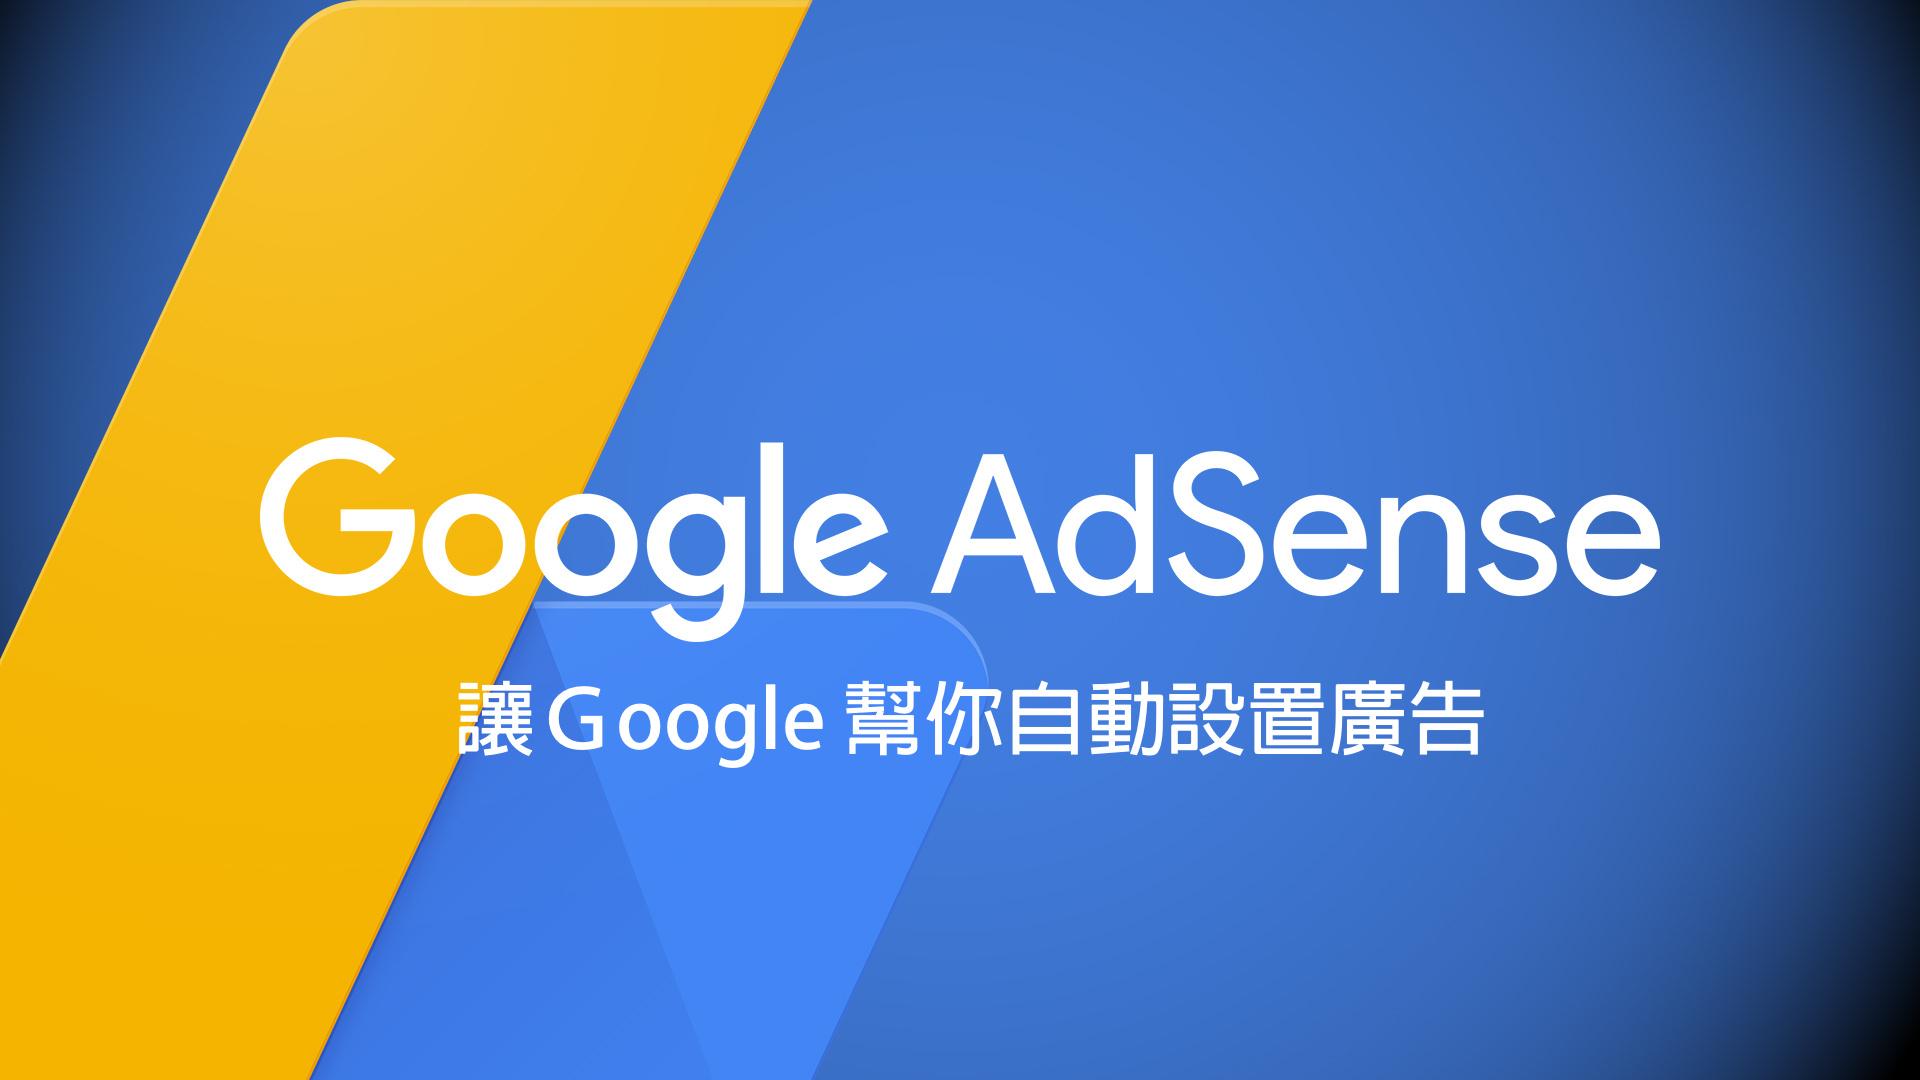 使用Google adsense自動廣告來幫您賺大錢